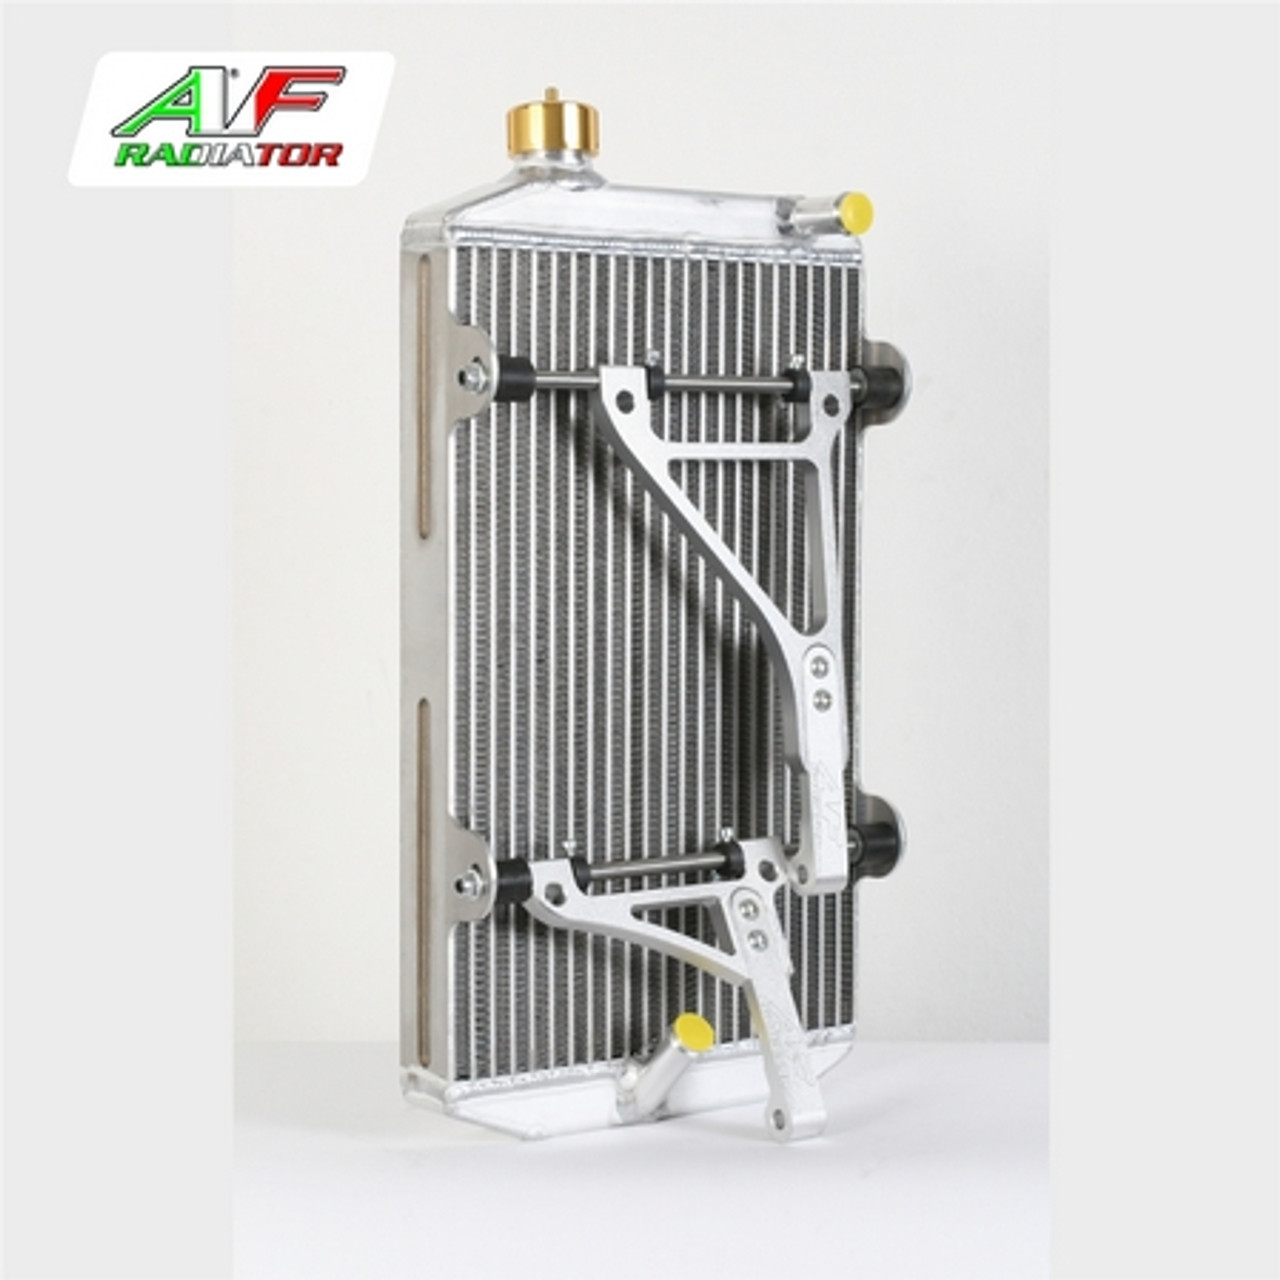 AF Gold Radiator & Race Support Kit 430 x 240 x 40 Back